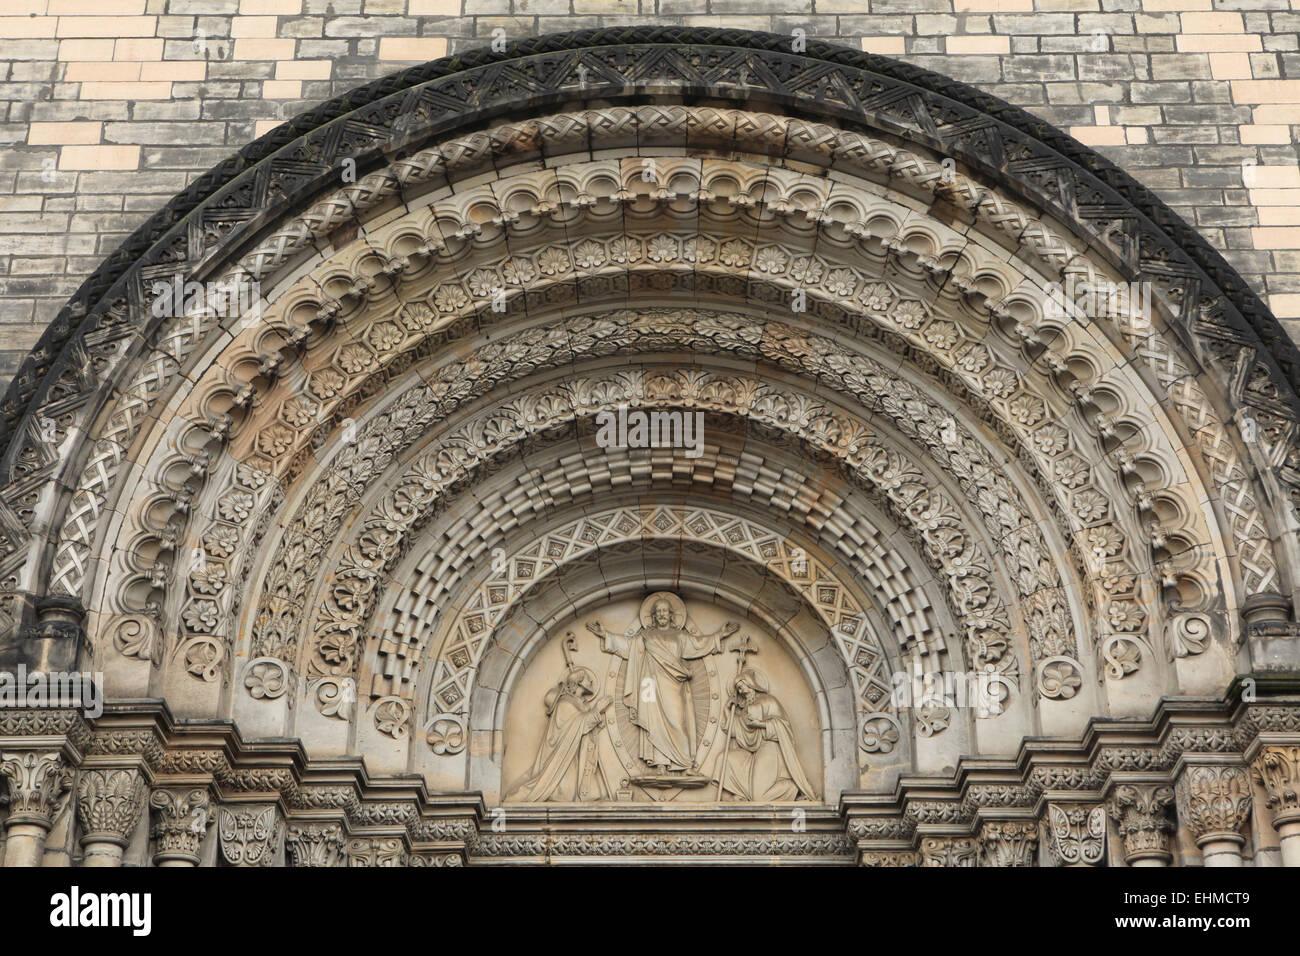 Jesus Christus segnet, St. Cyril und Methodius. Romanische Portal der St. Cyril und Methodius Kirche in Prag, Tschechien. Stockbild